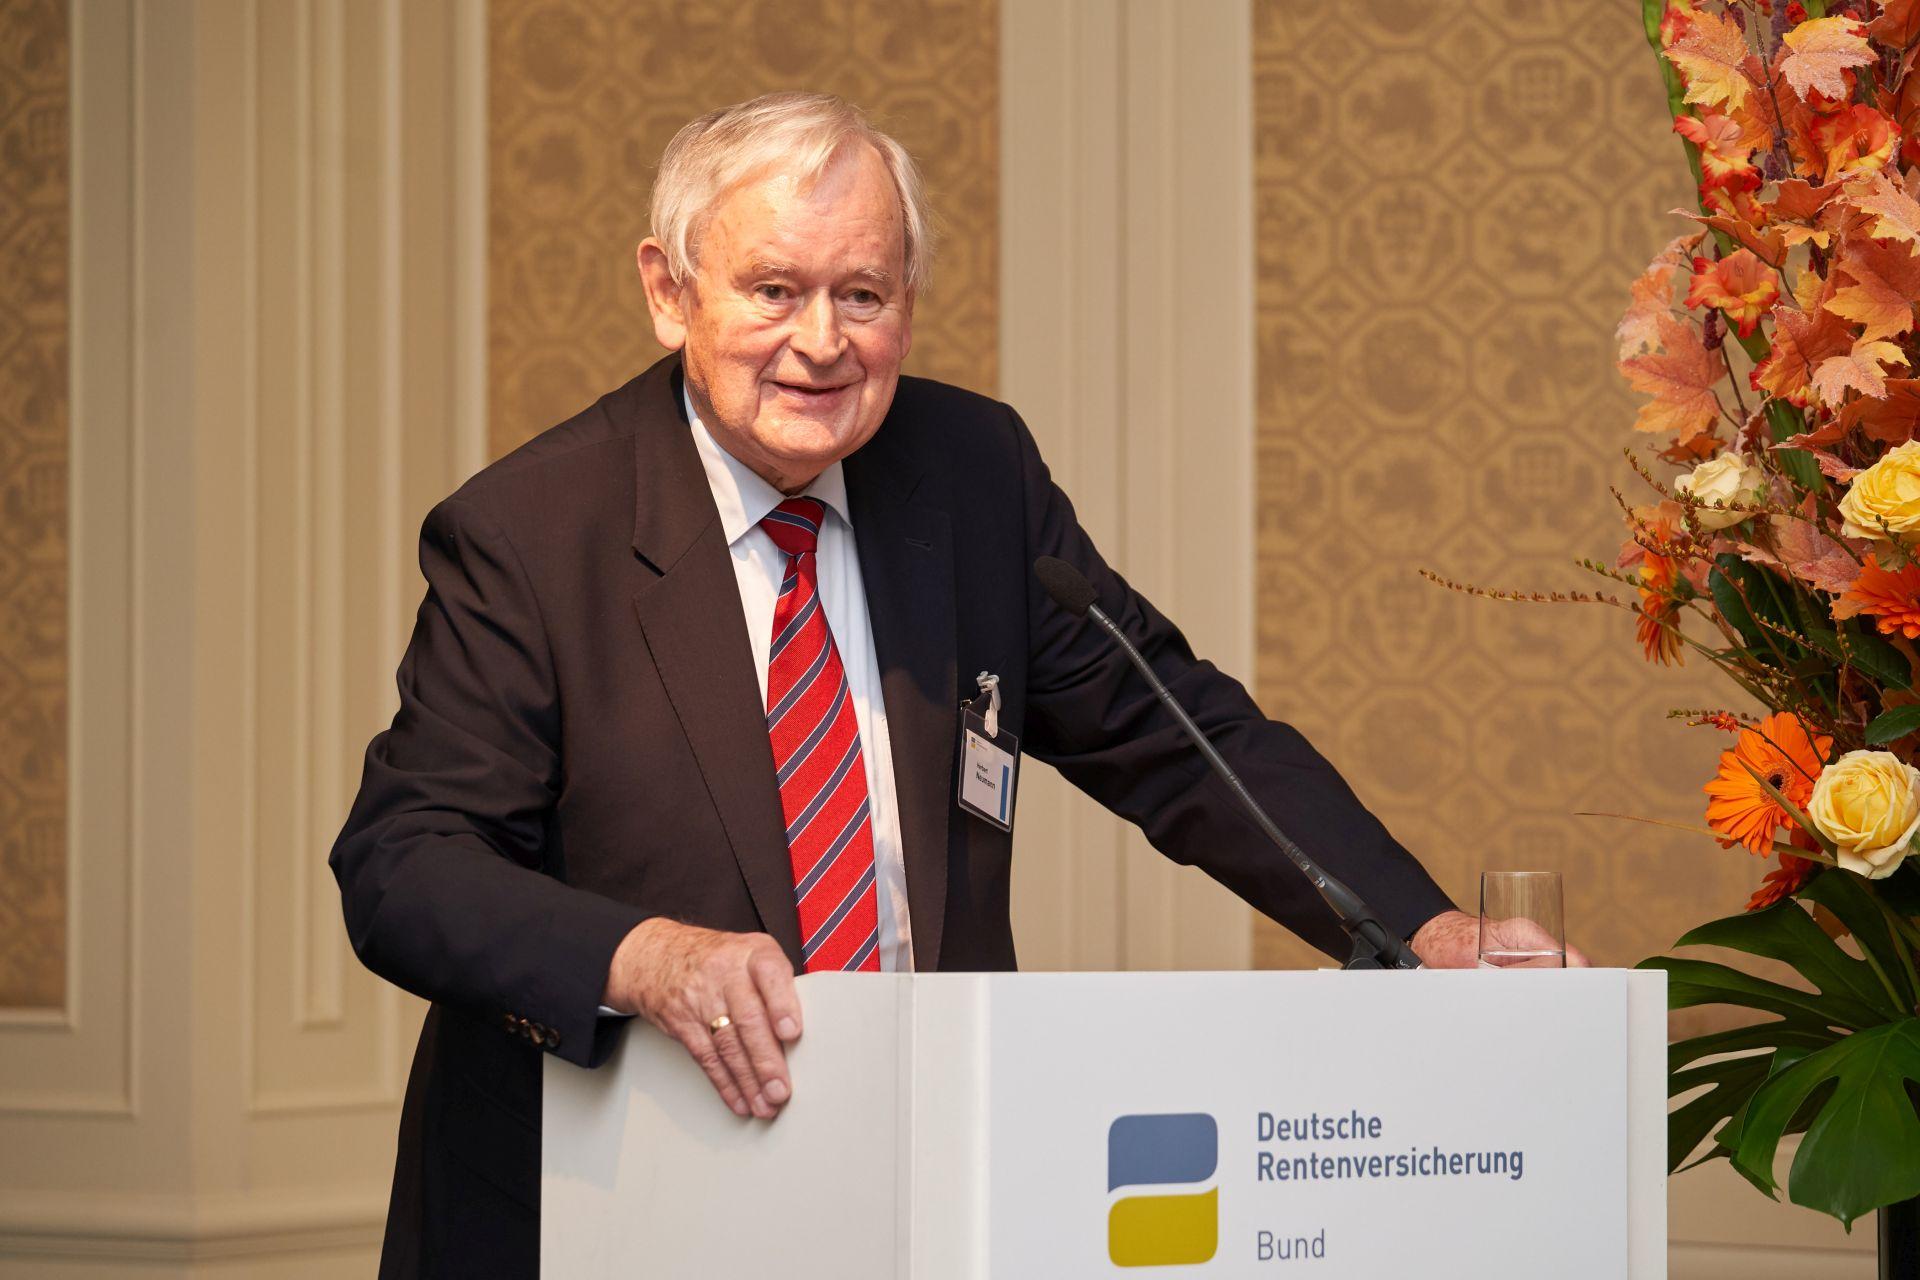 Herbert.Neumann_am_Pult